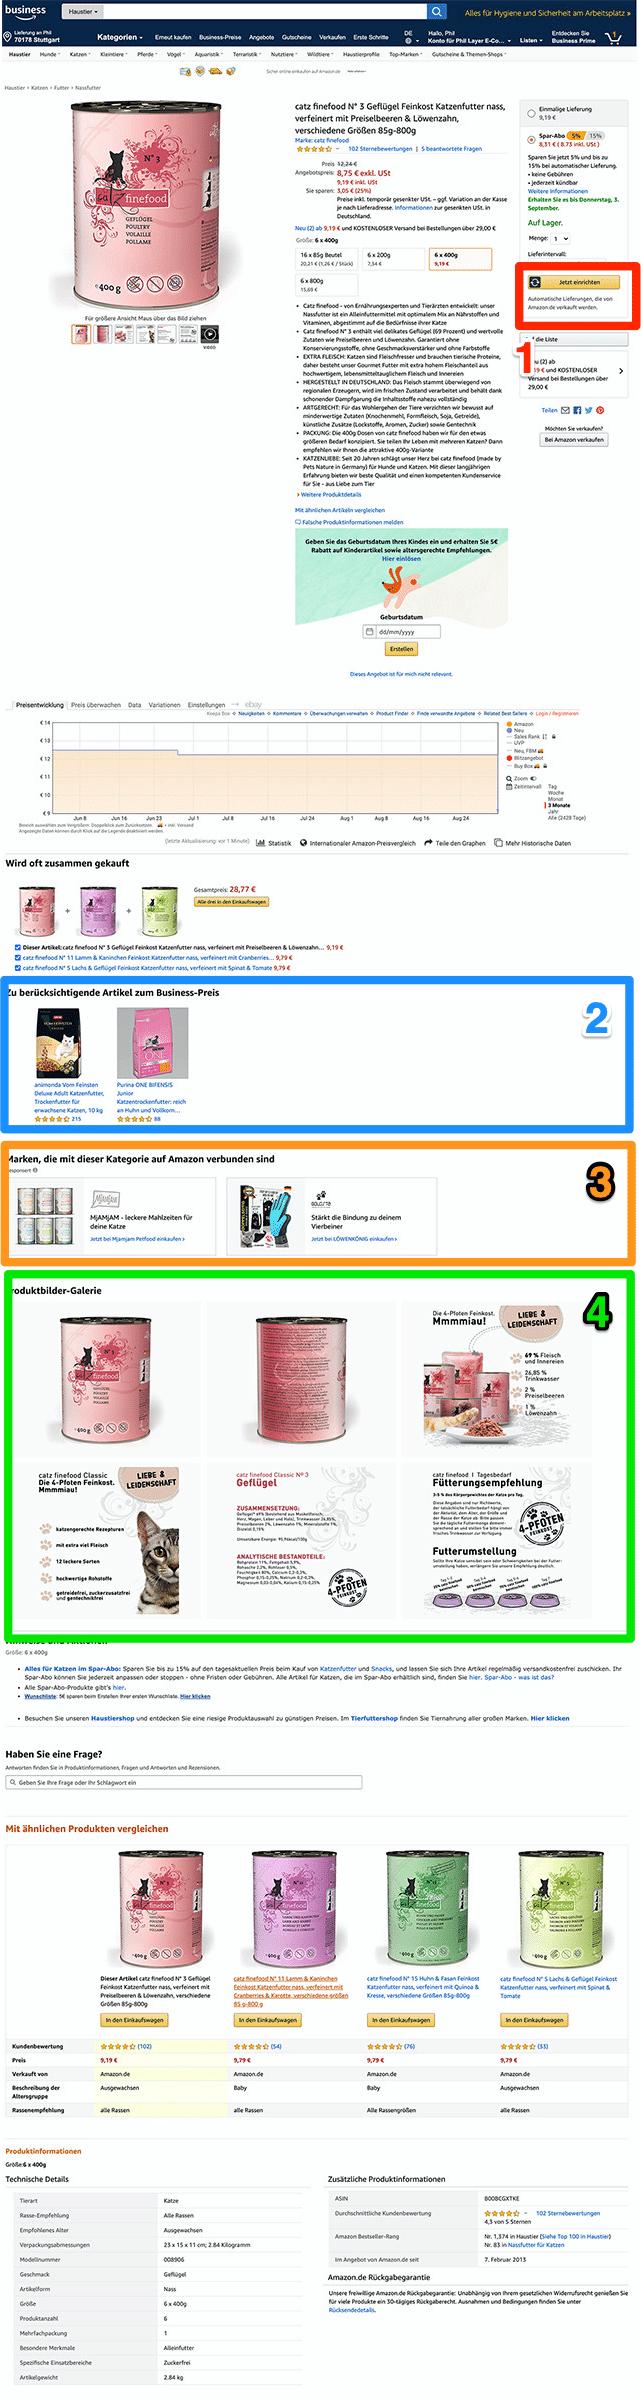 Amazon Produktdetailseite, Änderungen Mitte 2020